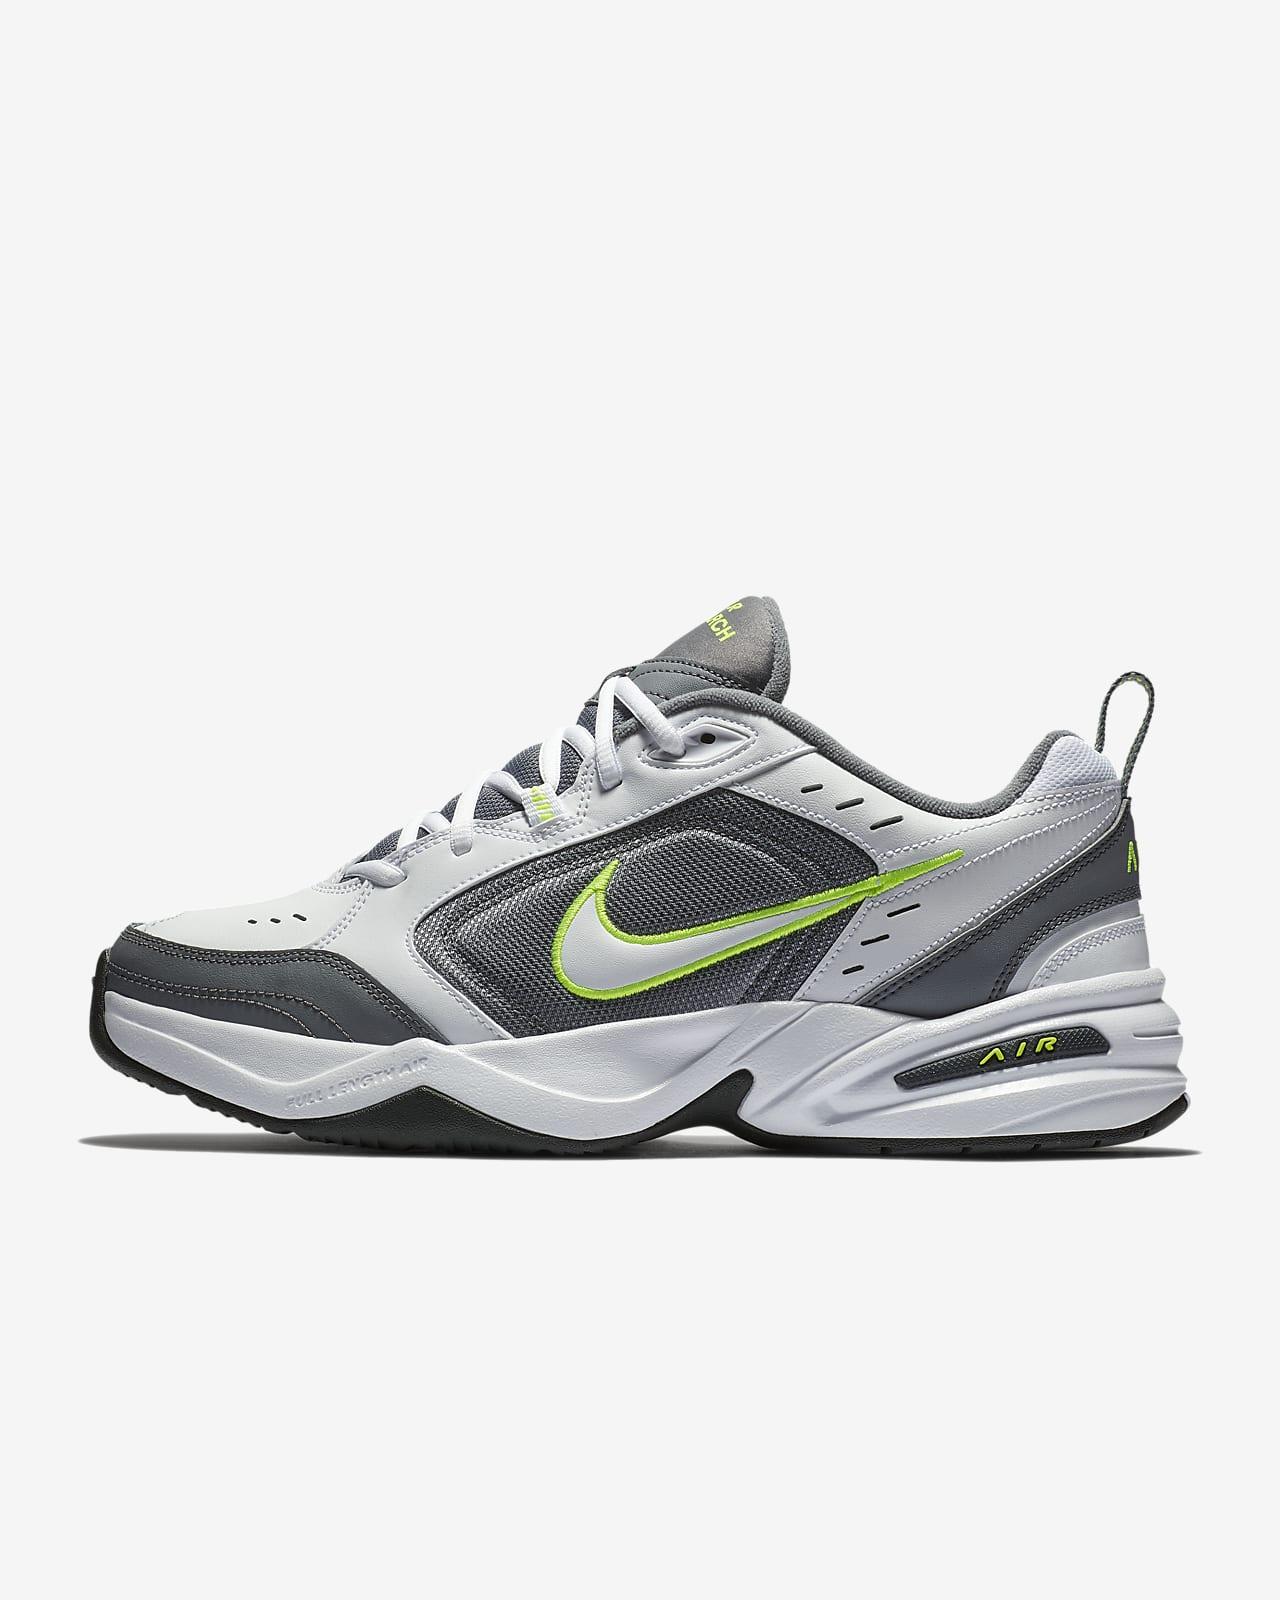 รองเท้าเทรนนิ่งผู้ชาย Nike Air Monarch IV